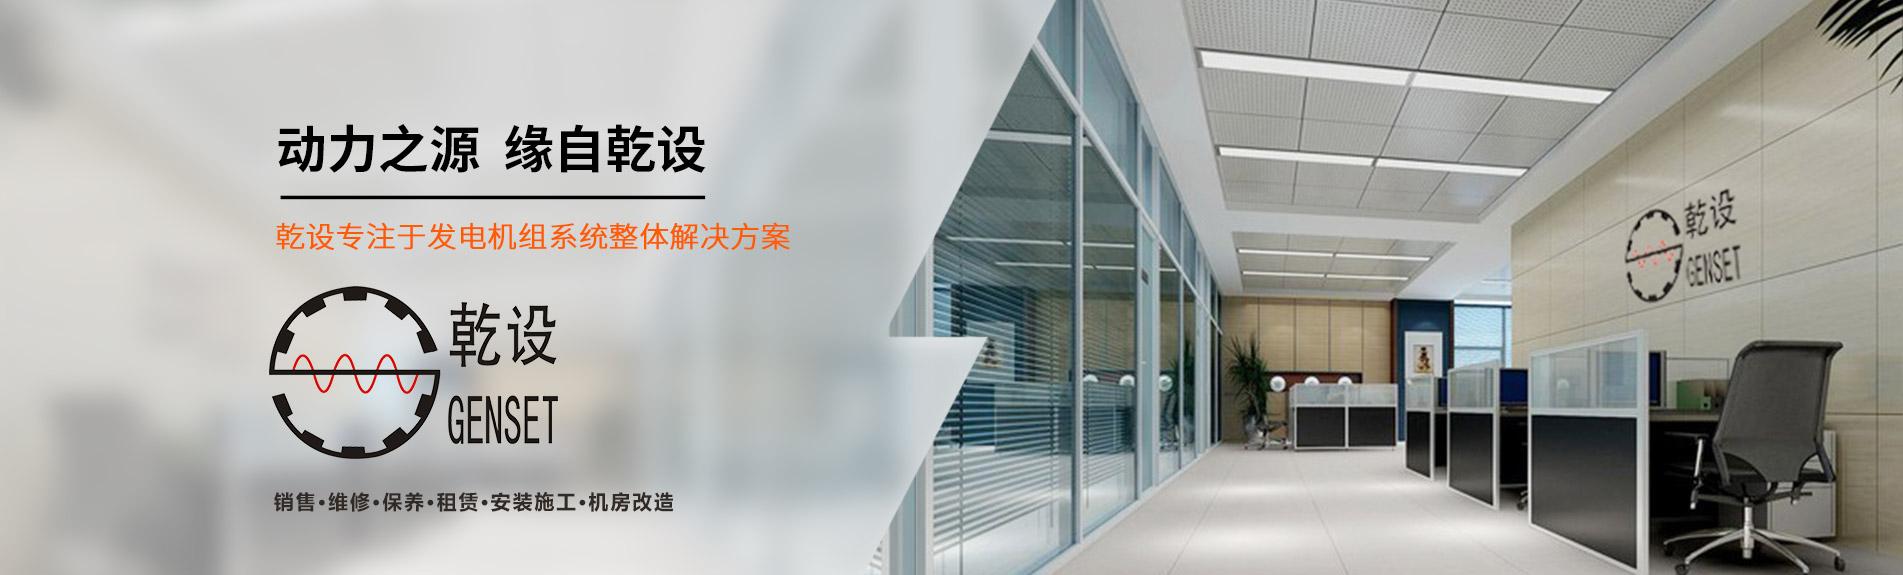 上海乾设机电技术有限公司